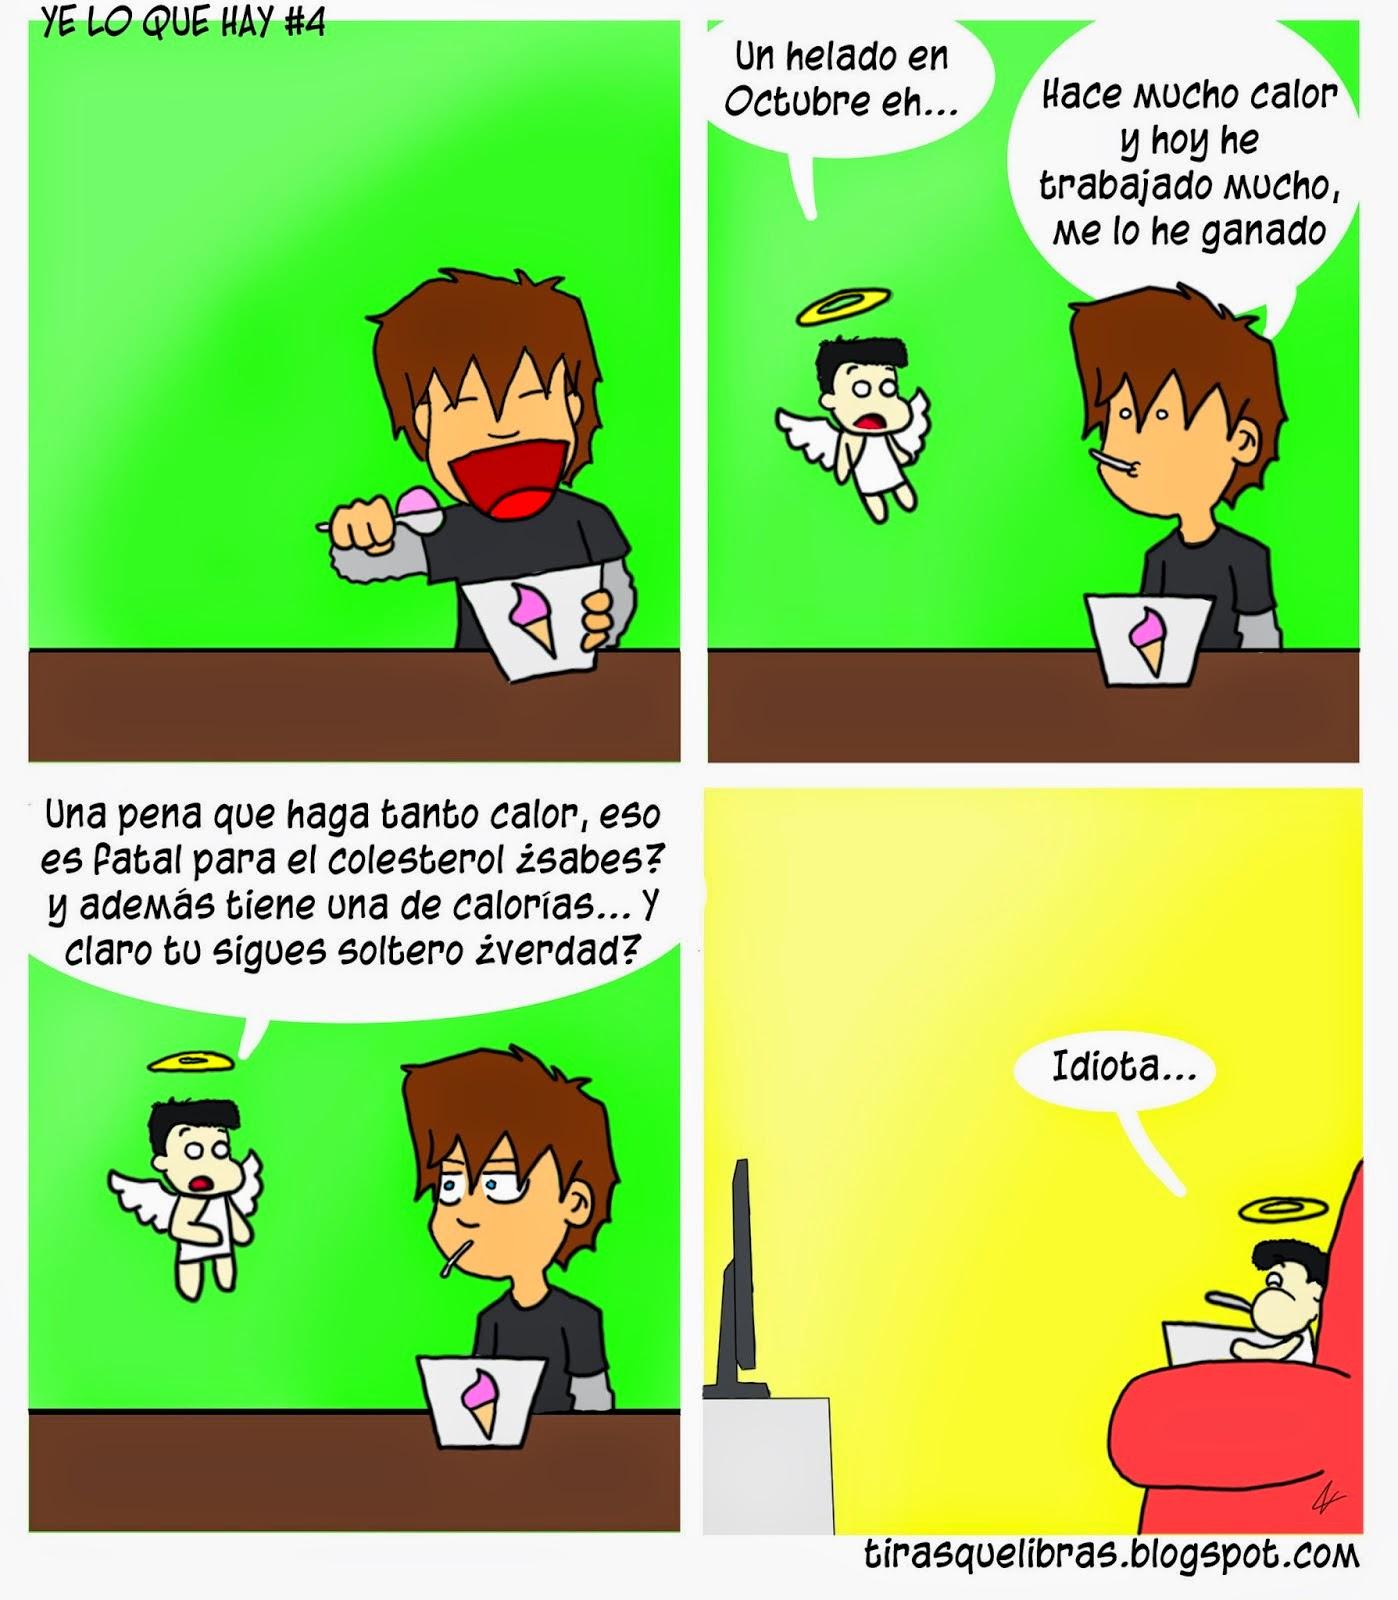 webcomic ye lo que hay, el angelito hace que Ismmael se sienta culpable por comerse un helado